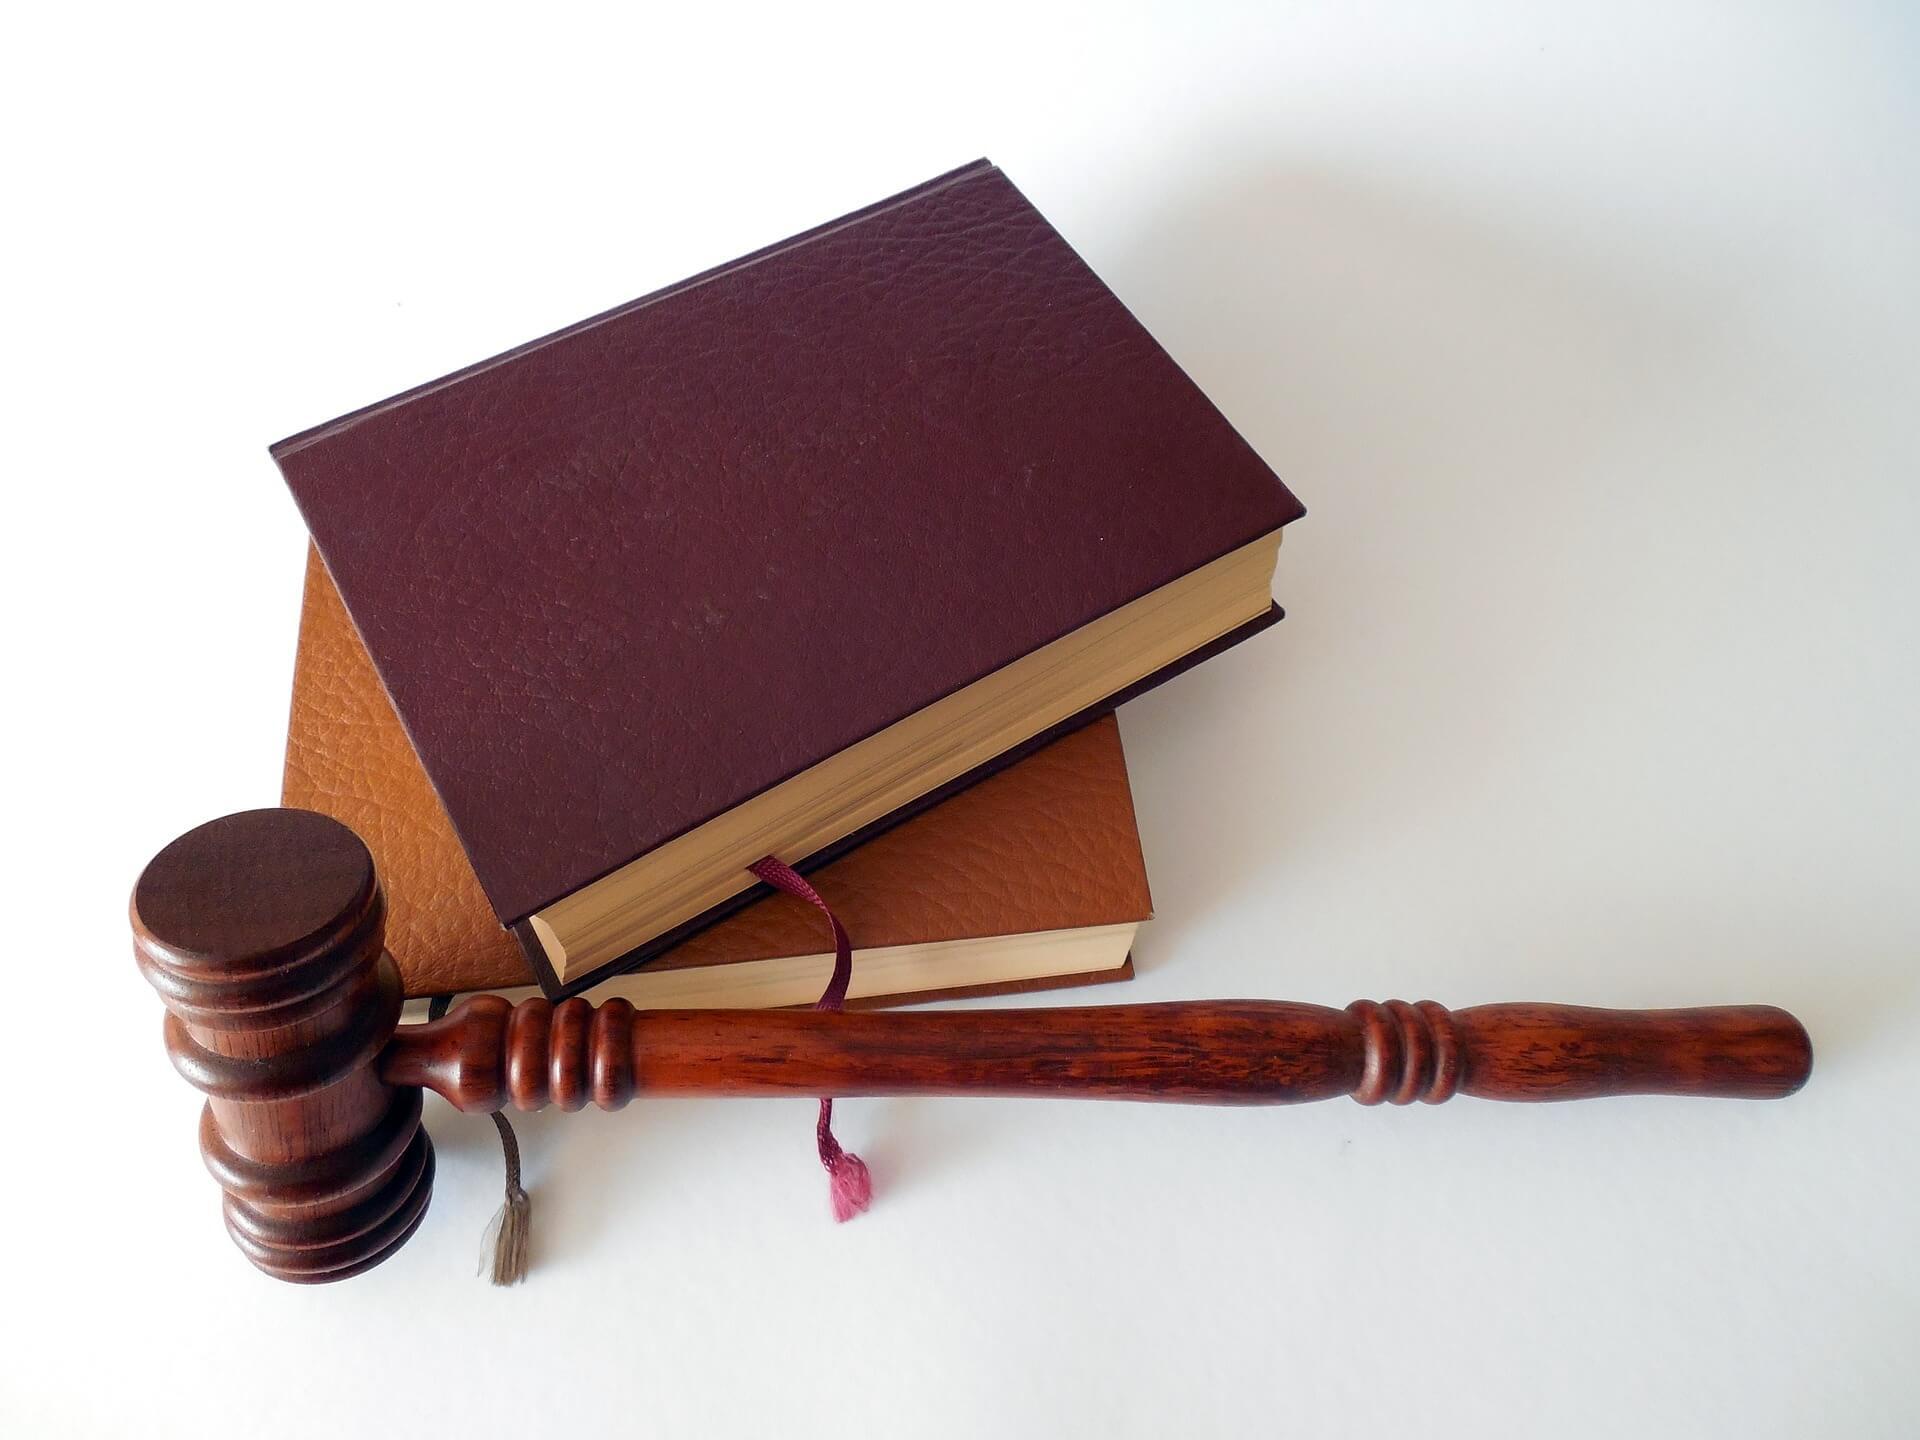 רישום פלילי מופחת - שי רודה עורך דין פלילי מומחה